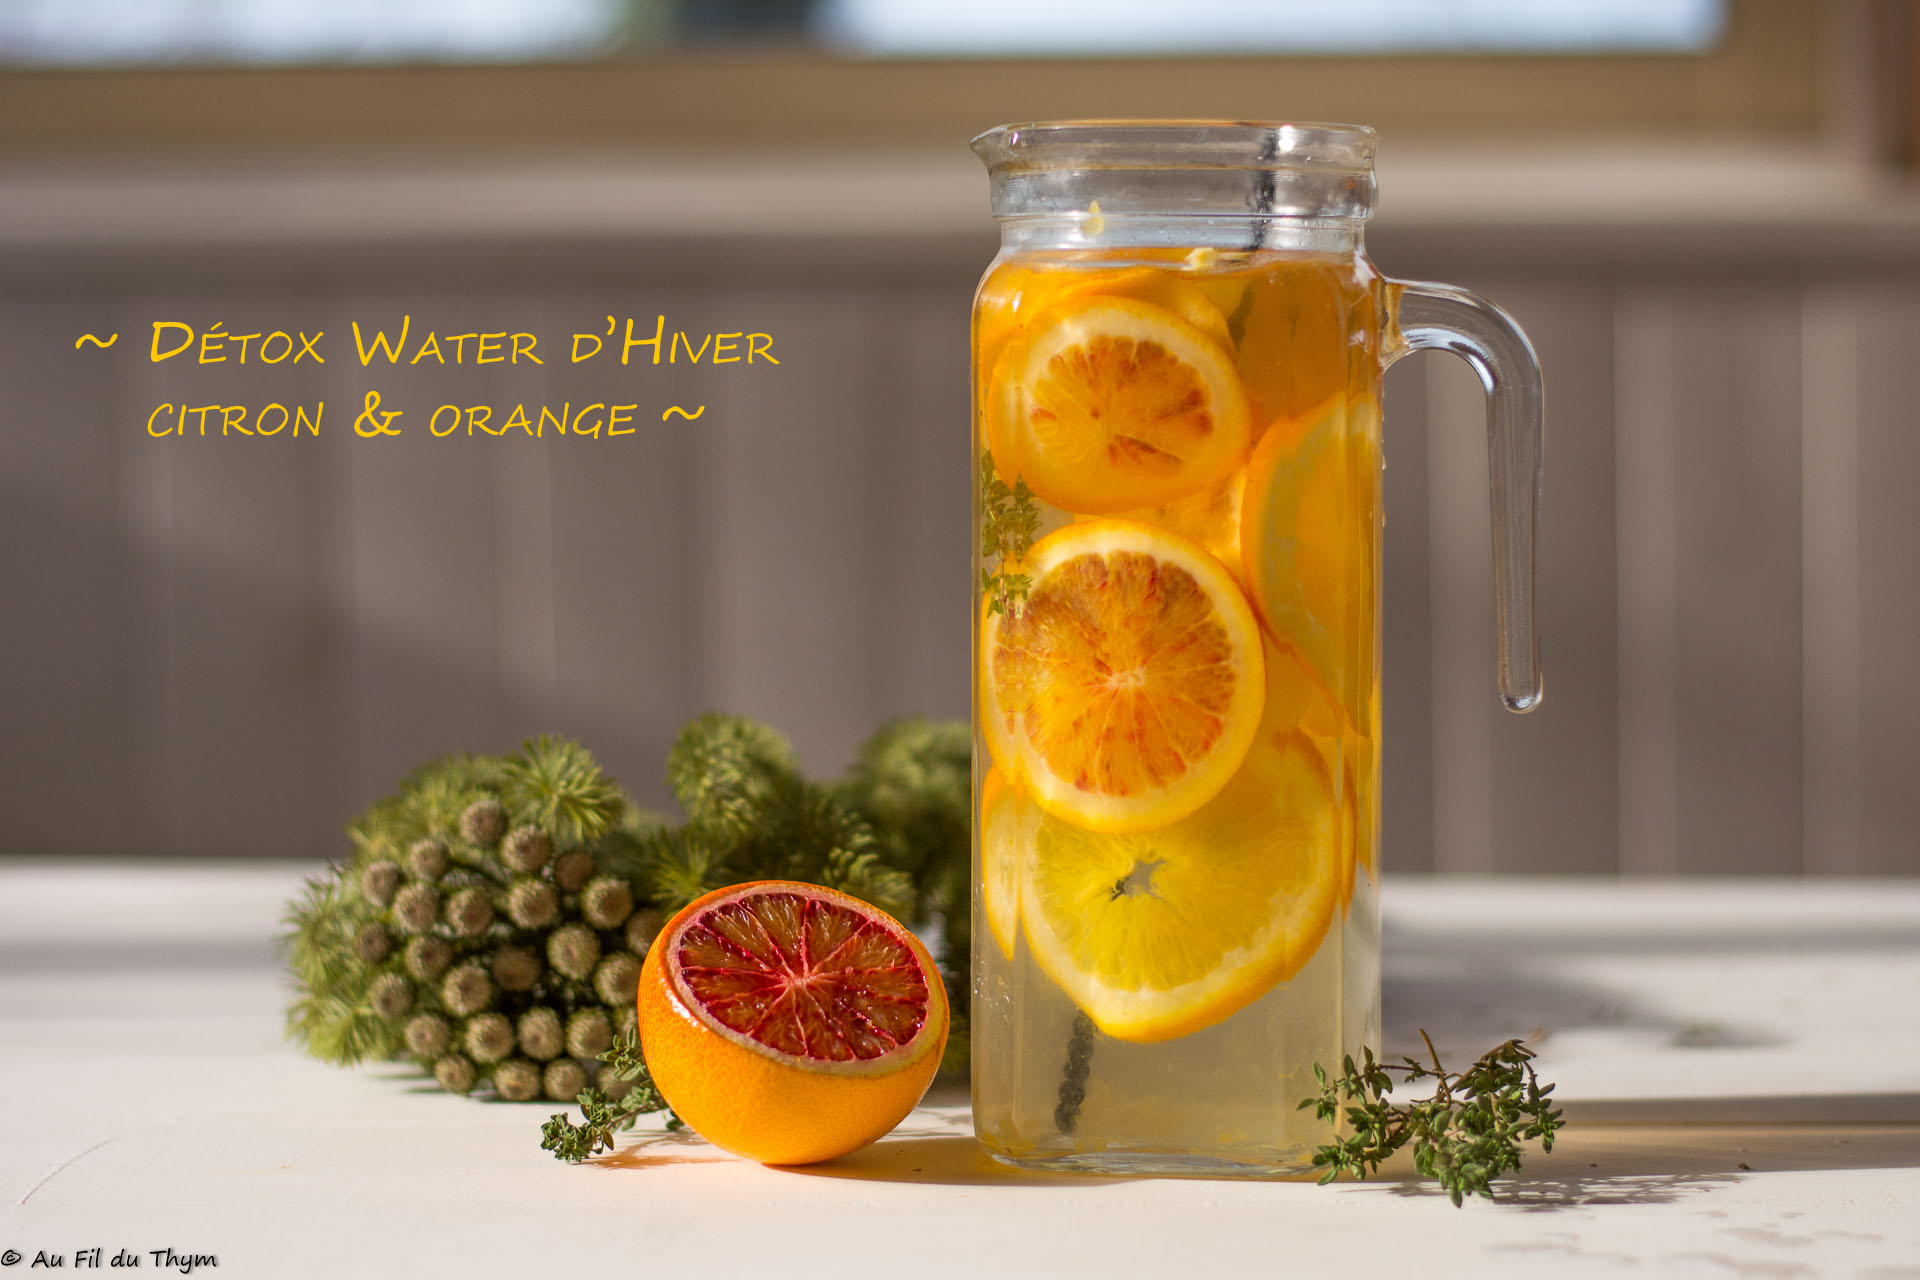 Détowx water d'hiver citron & orange - Une idée saine et facile pour s'hydrater en hiver - Au Fil du Thym